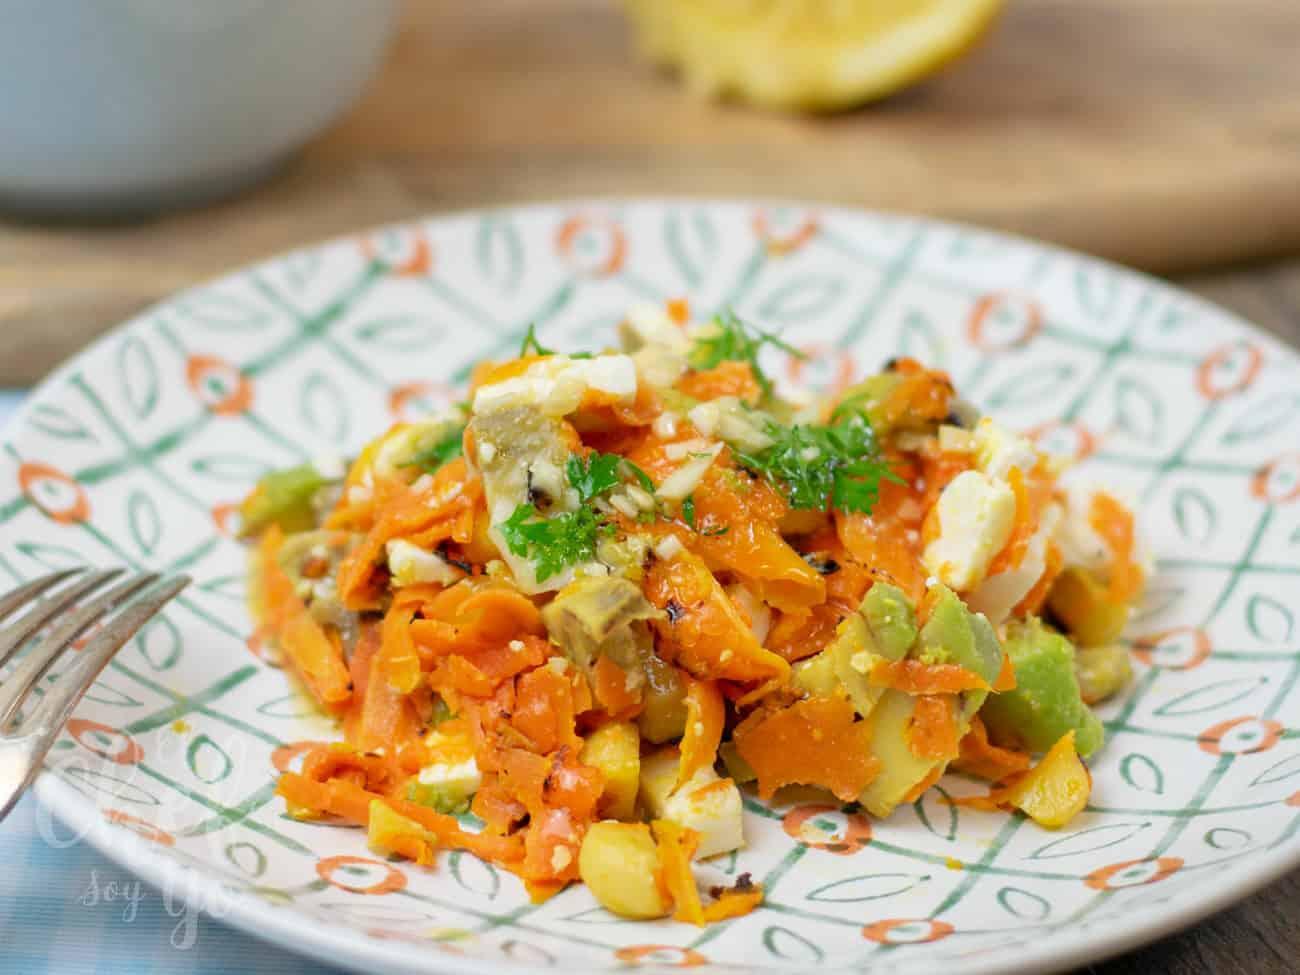 Ensalada de zanahoria, aguacate y feta